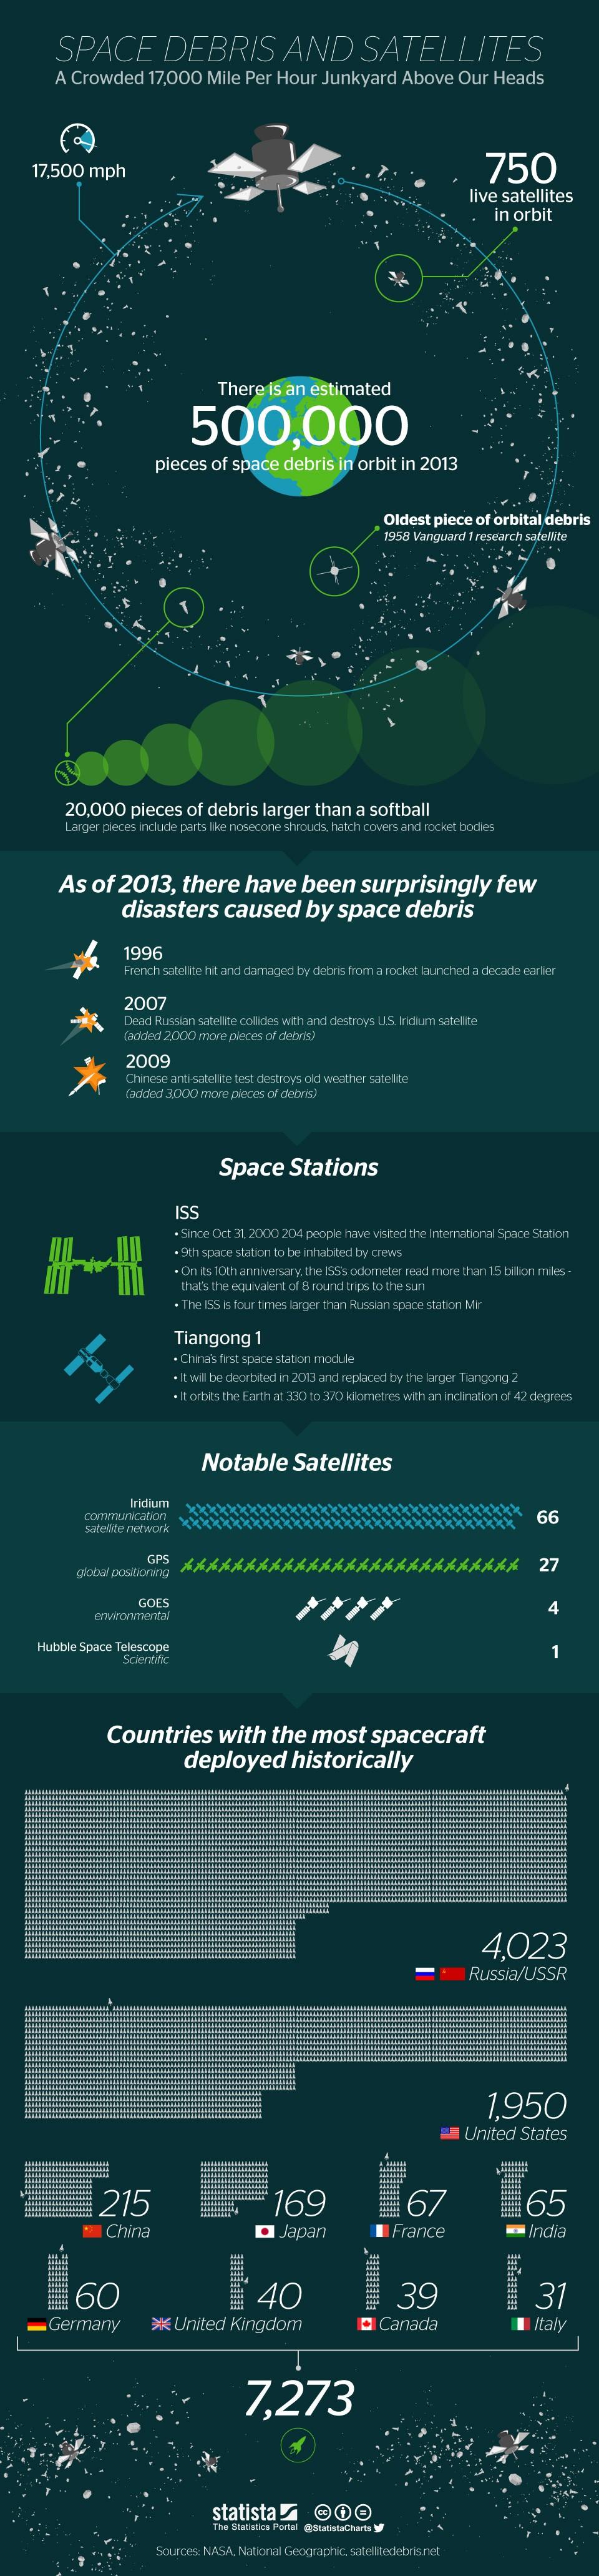 Space Debris And Satellites